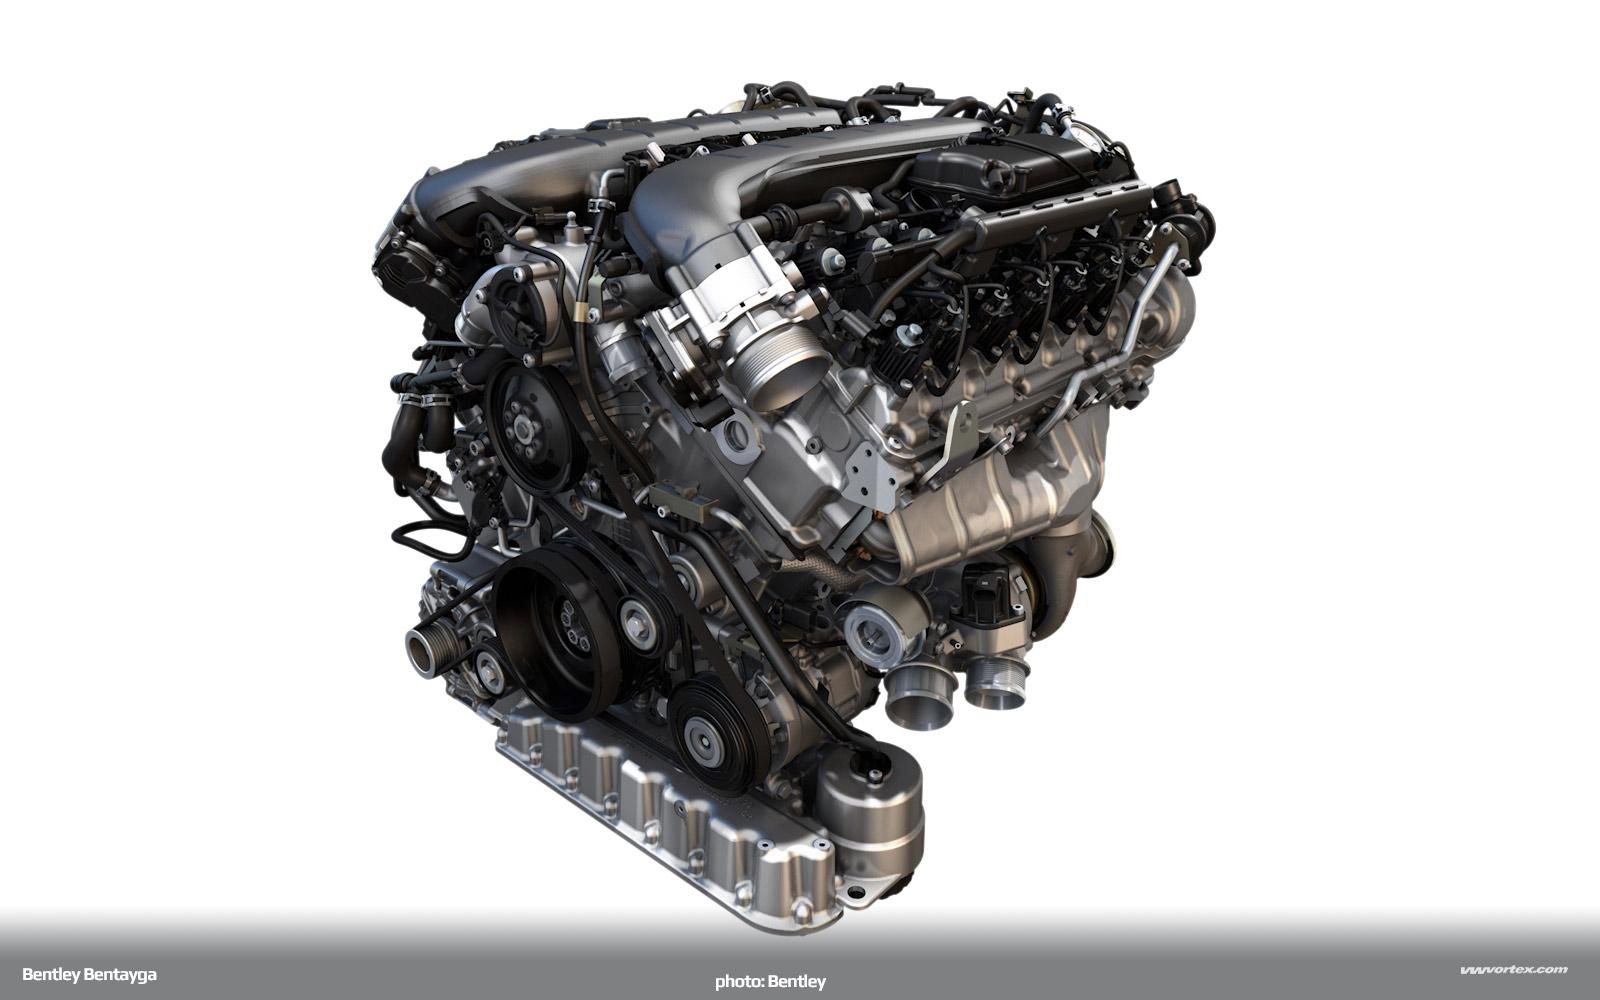 Bentley-Bentayga-SUV-crossover-2016-454